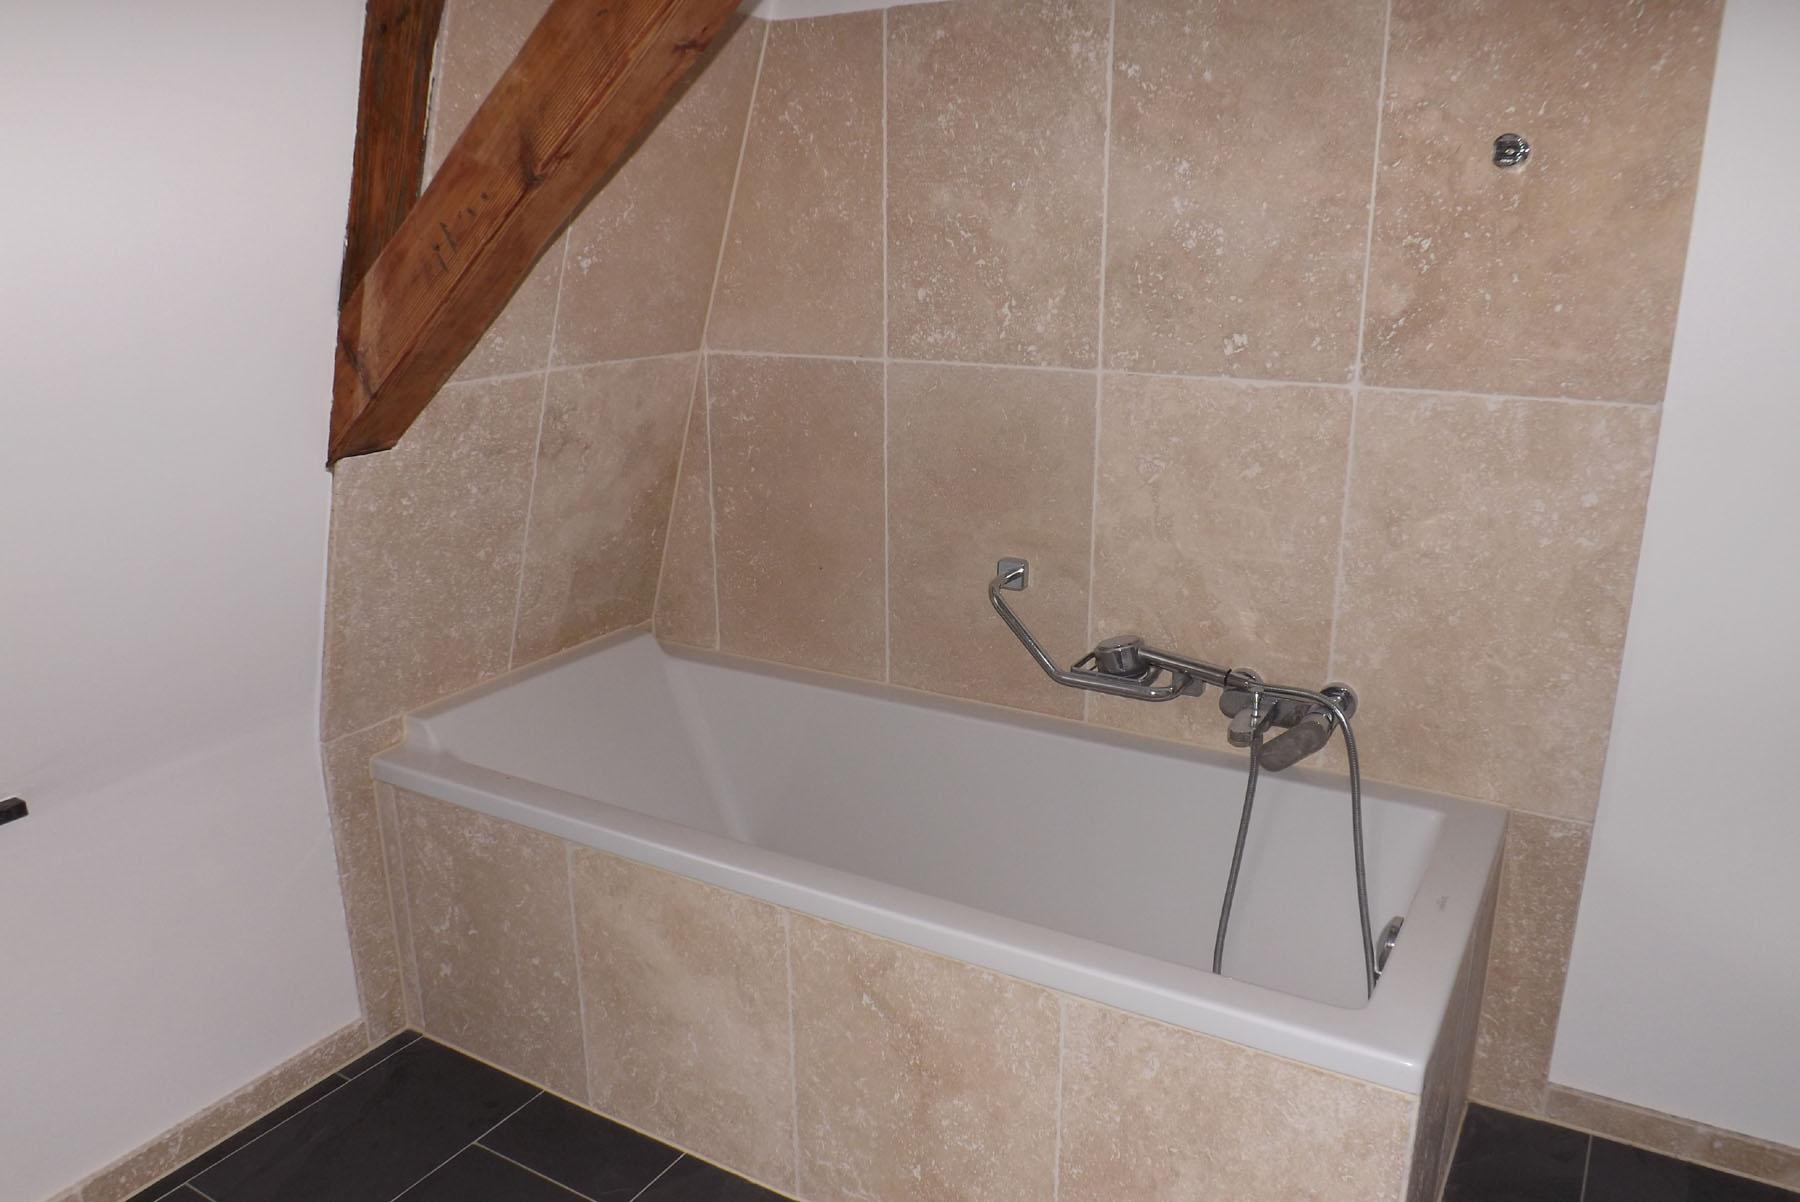 badezimmer travertin glasfliesen bad schne ideen mosaik. Black Bedroom Furniture Sets. Home Design Ideas